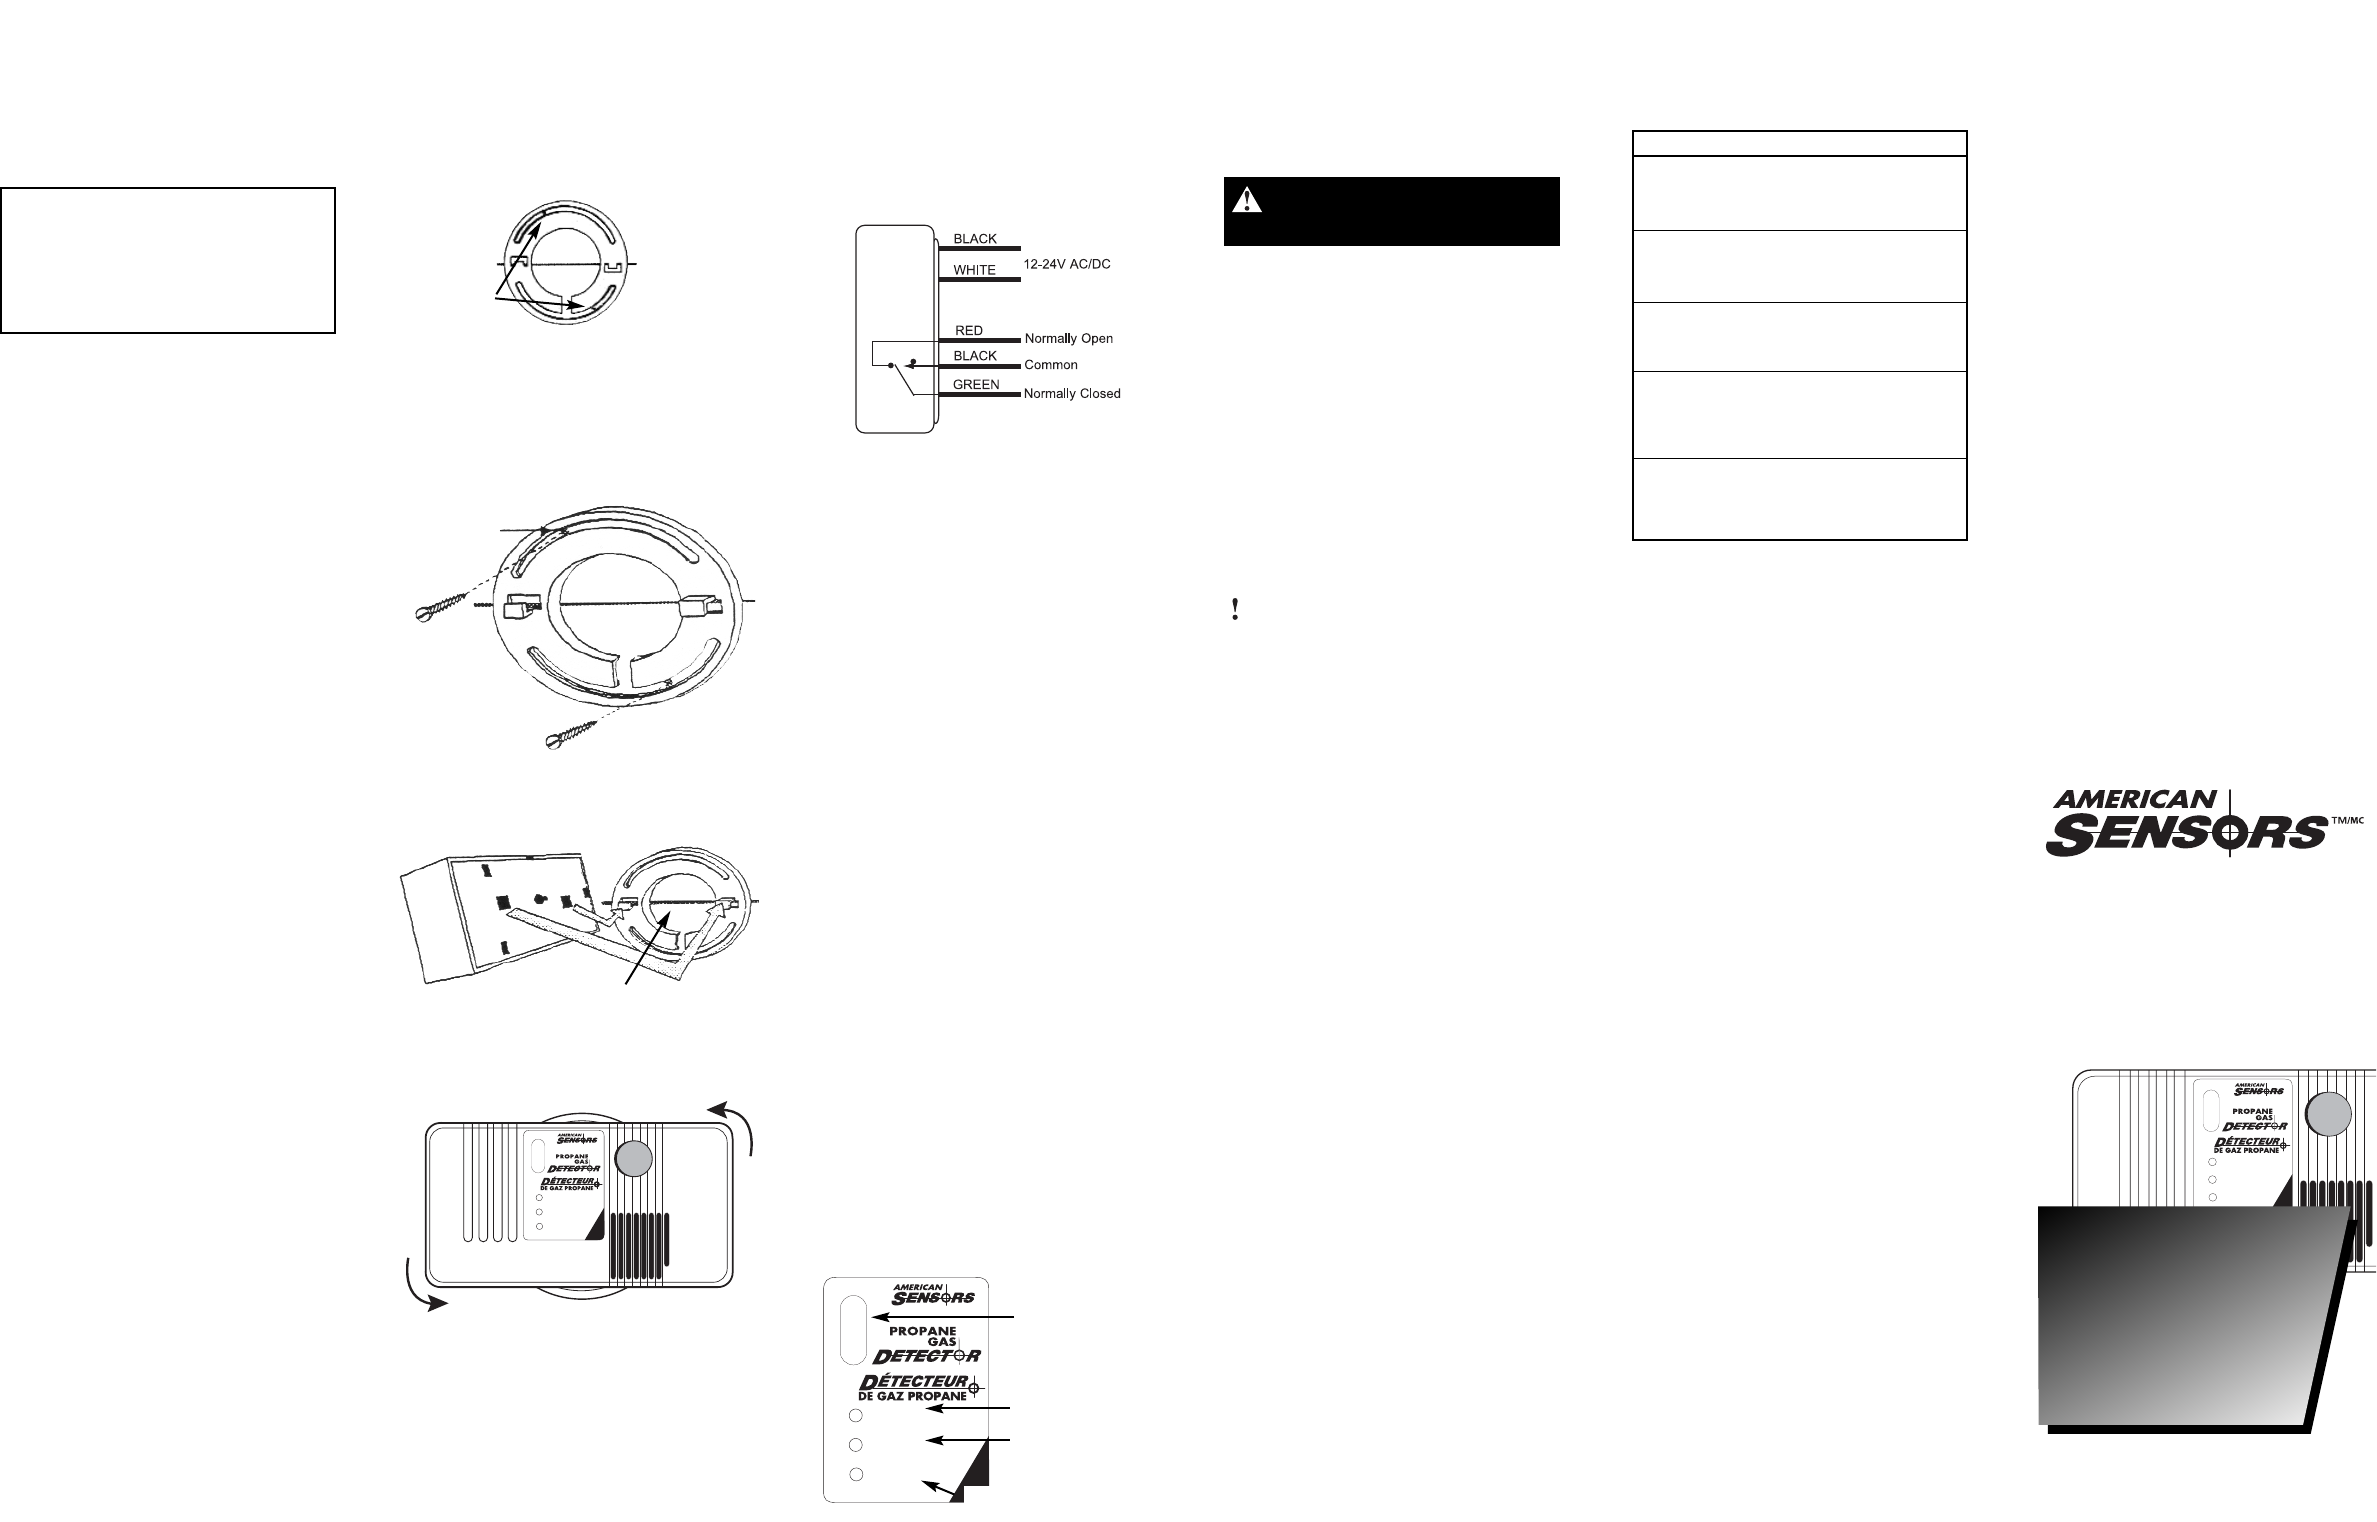 american sensor carbon monoxide alarm lp401a user guide